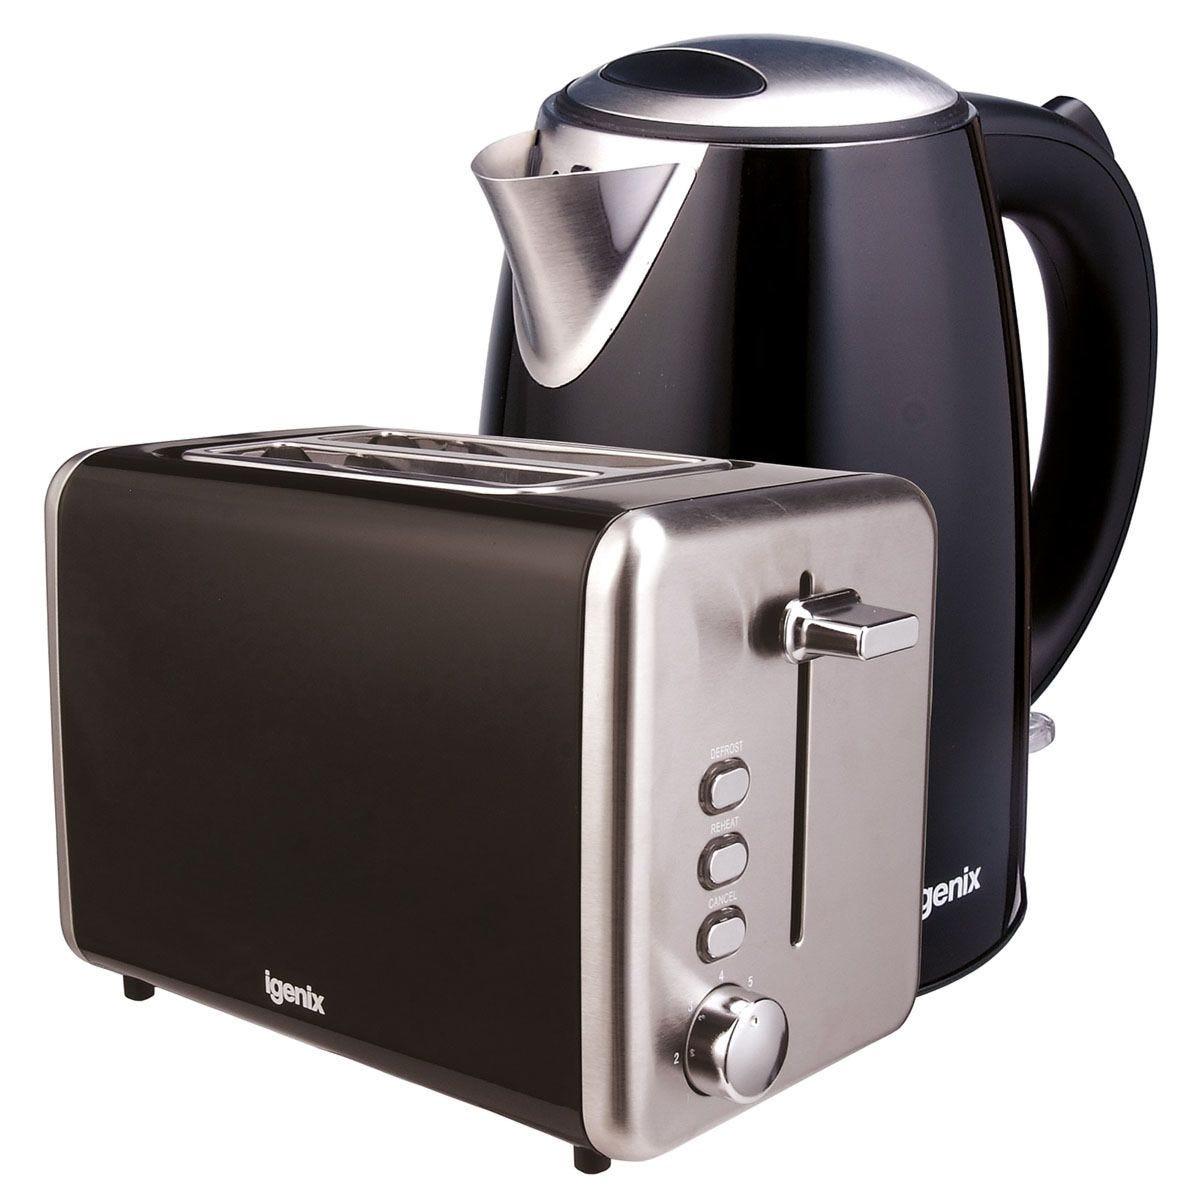 Igenix 1.7L Stainless Steel Kettle & 2-Slice Toaster - Black